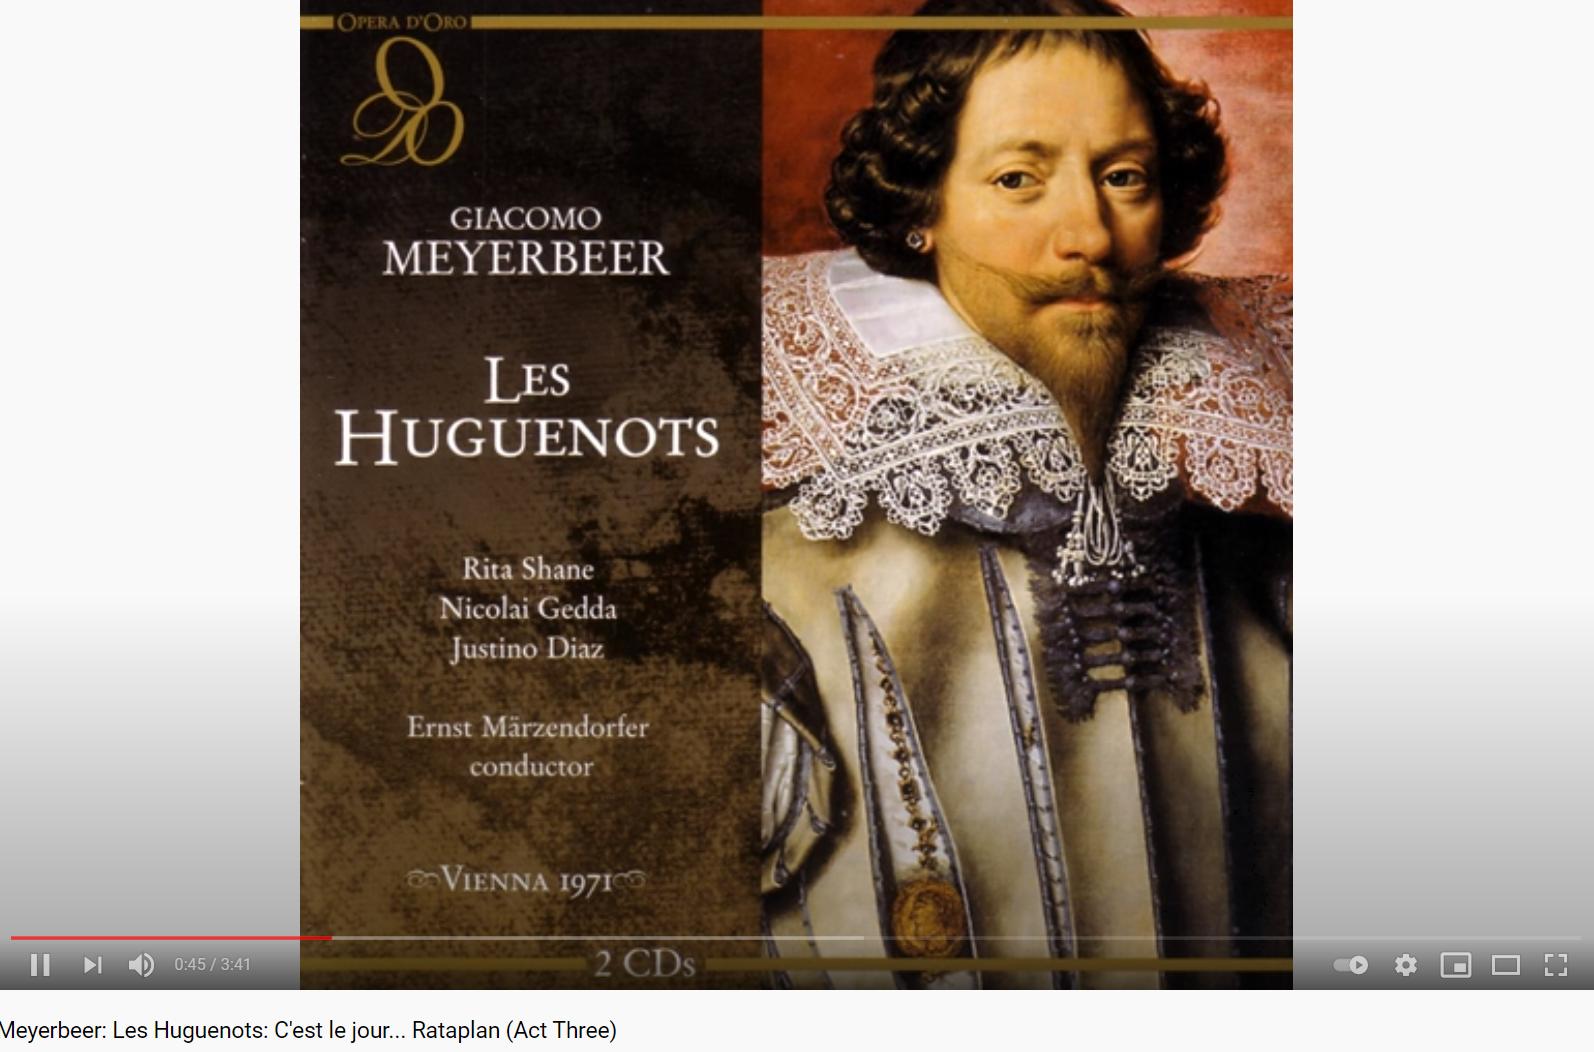 Meyerbeer les huguenots C'est le jour Rataplan